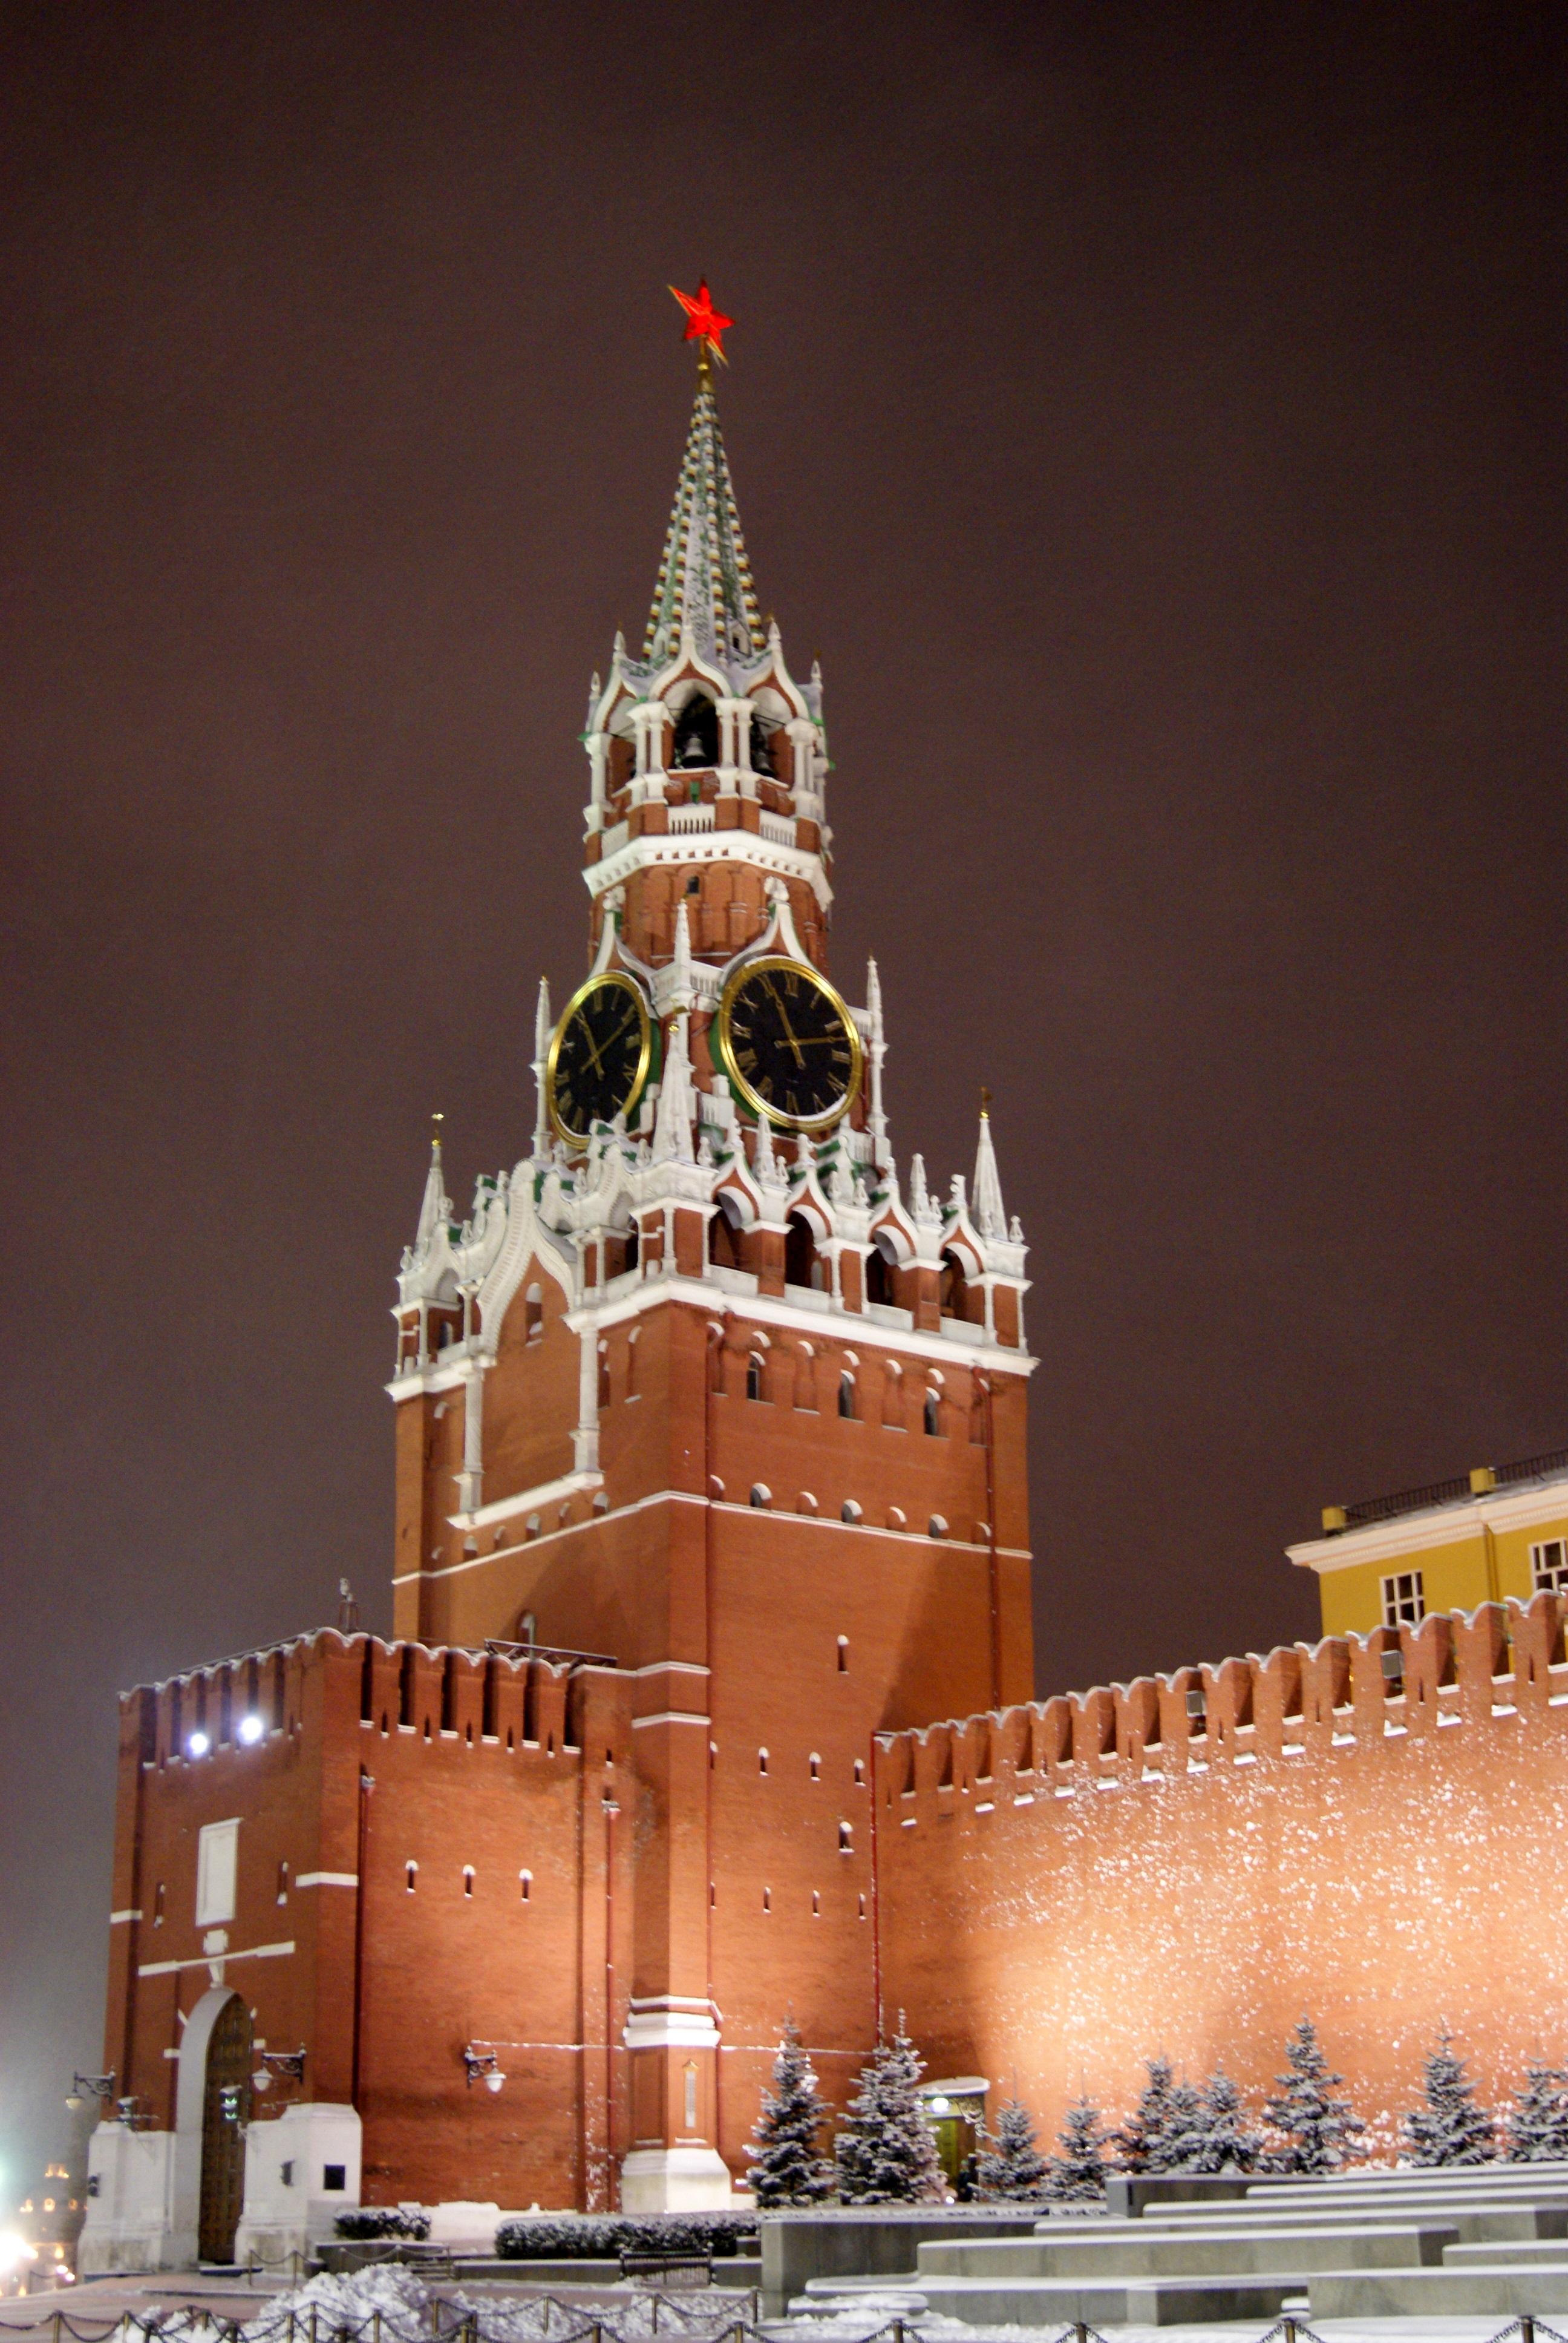 Женщина картинки, картинки москва кремль вертикальные